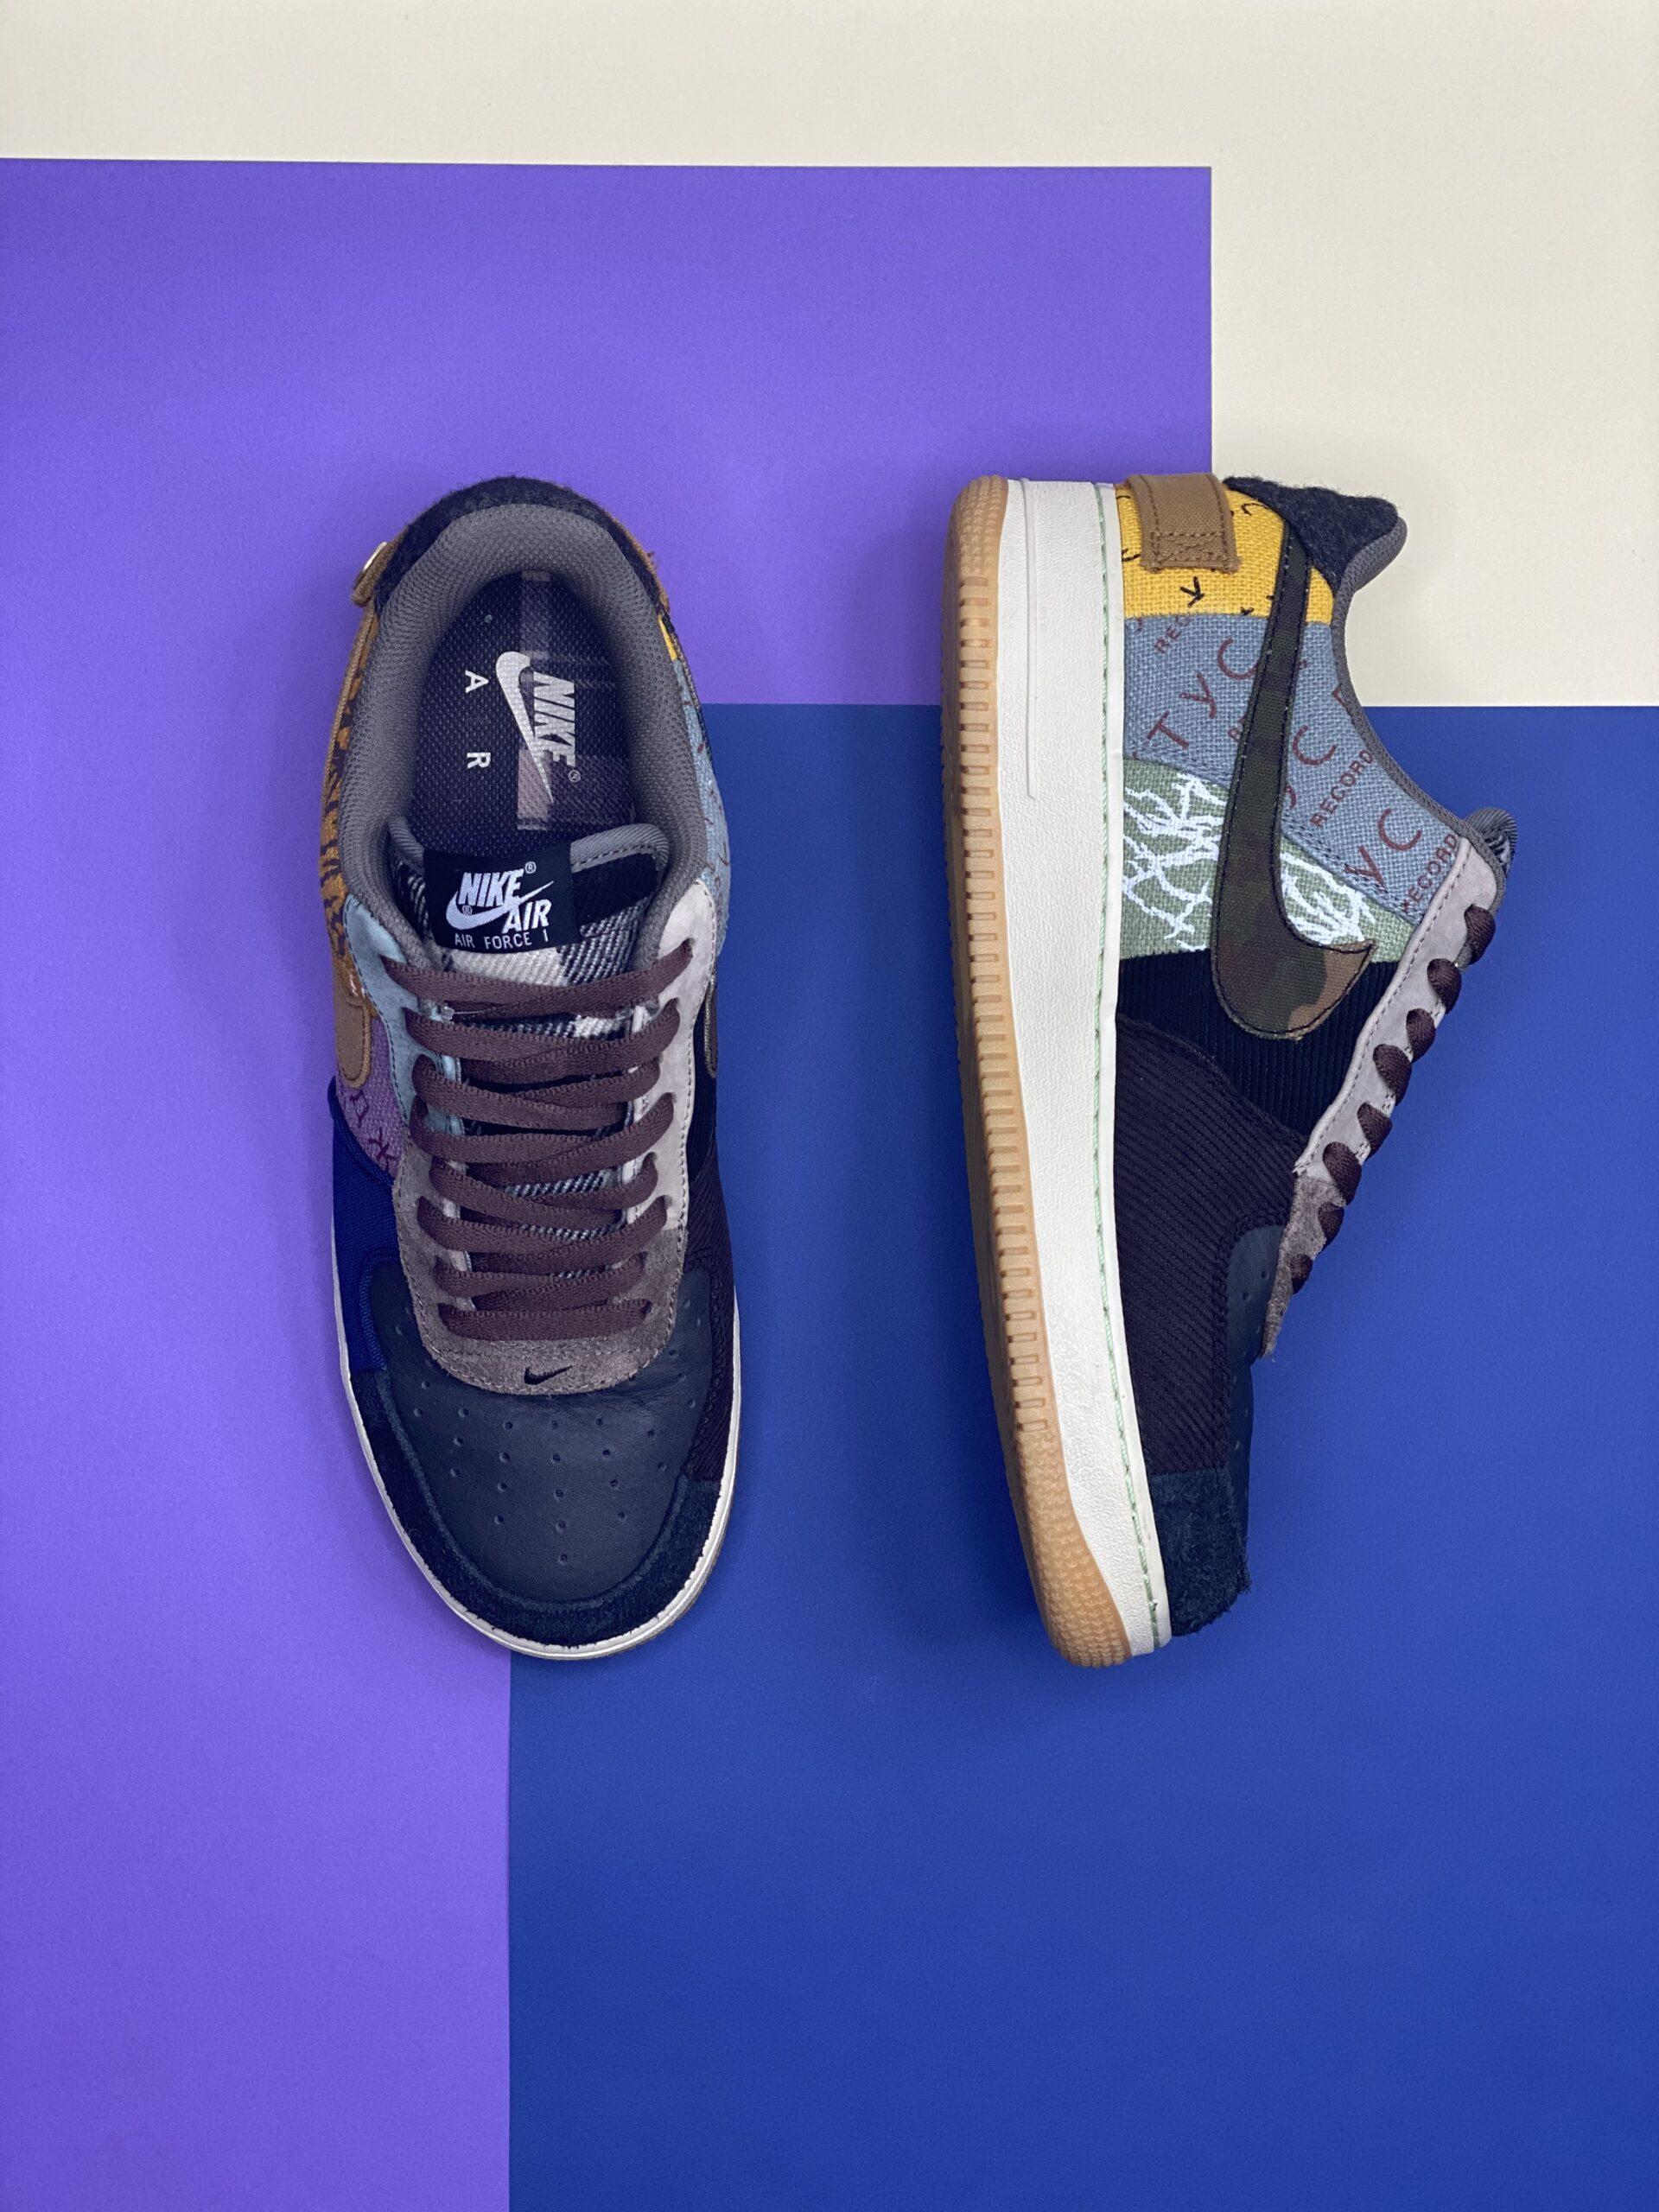 Nike x Travis Scott